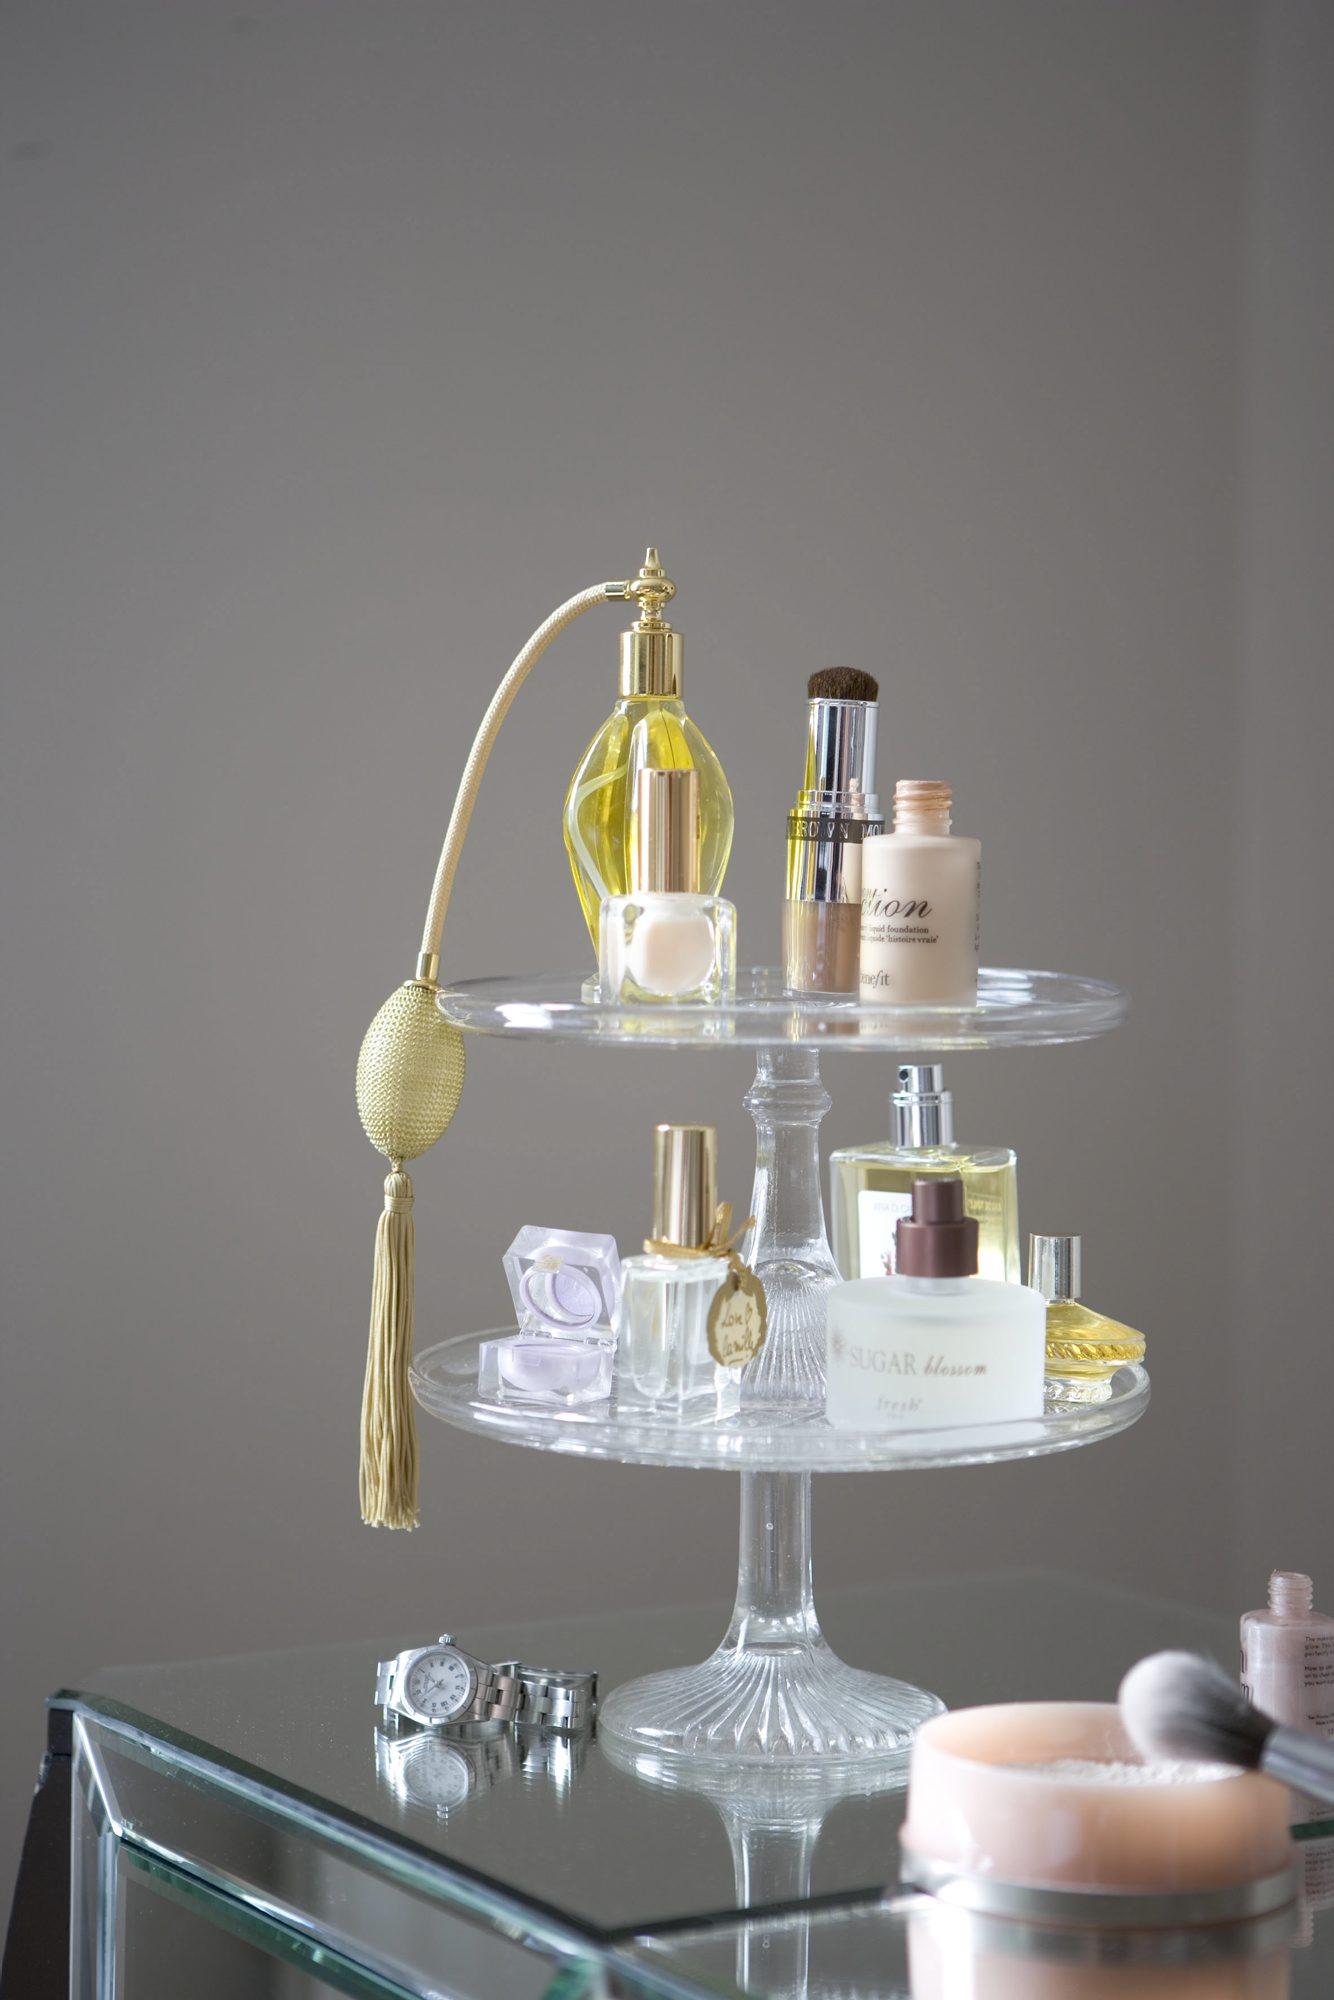 Decorating ideas: vintage glass cake stand for displaying perfume bottles. Pub orig L etc 09/2005 p96. Tips til badet speil kakefat smykkeskrin